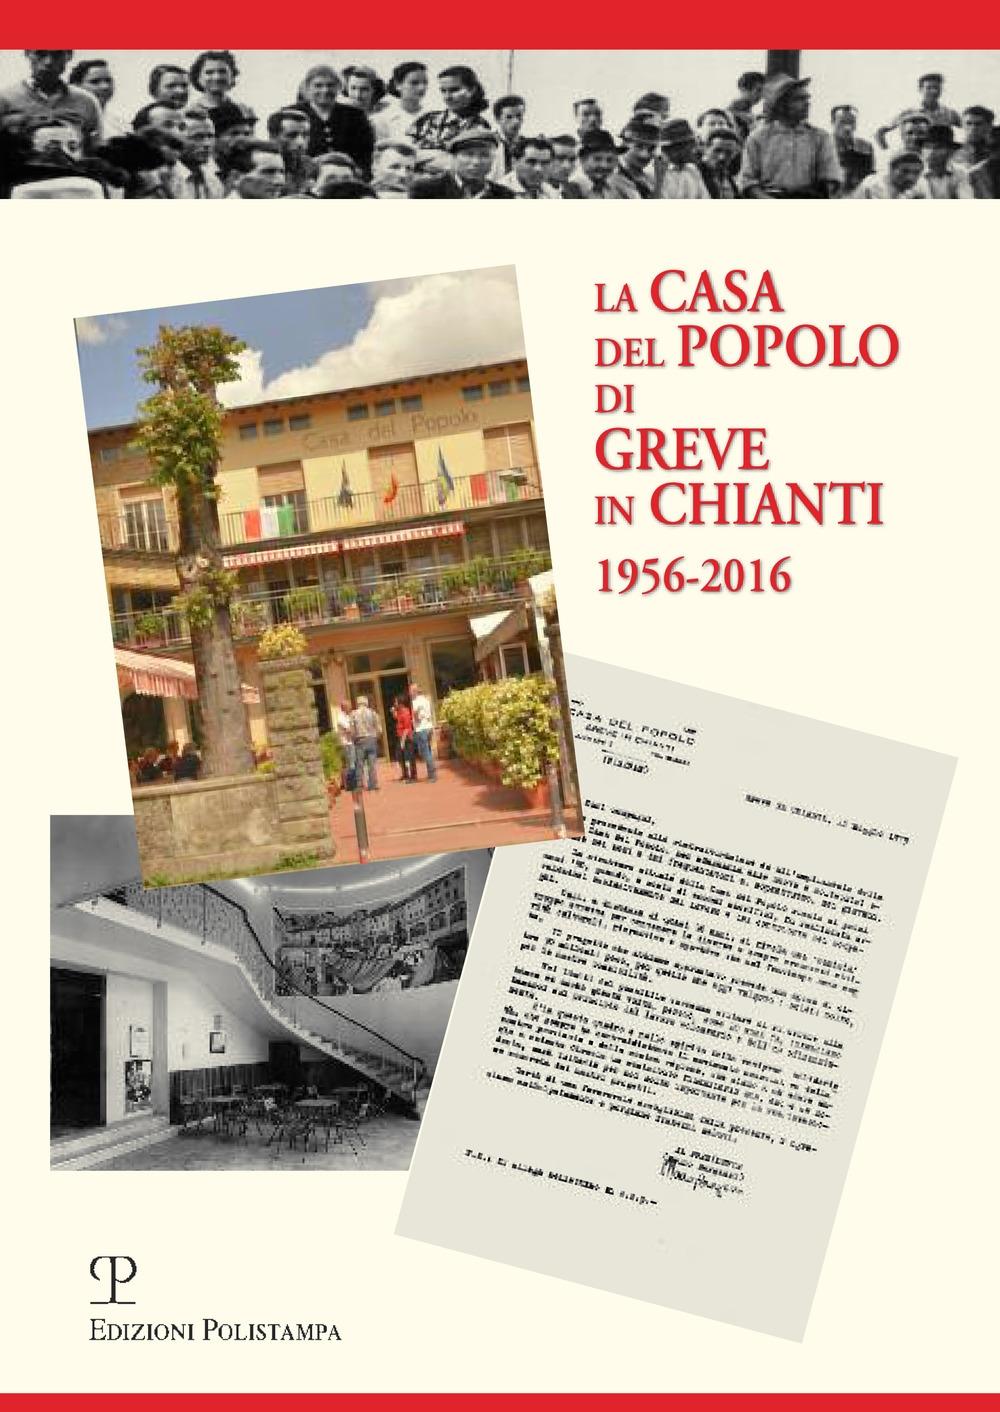 La casa del popolo di Greve in Chianti 1956-2016.